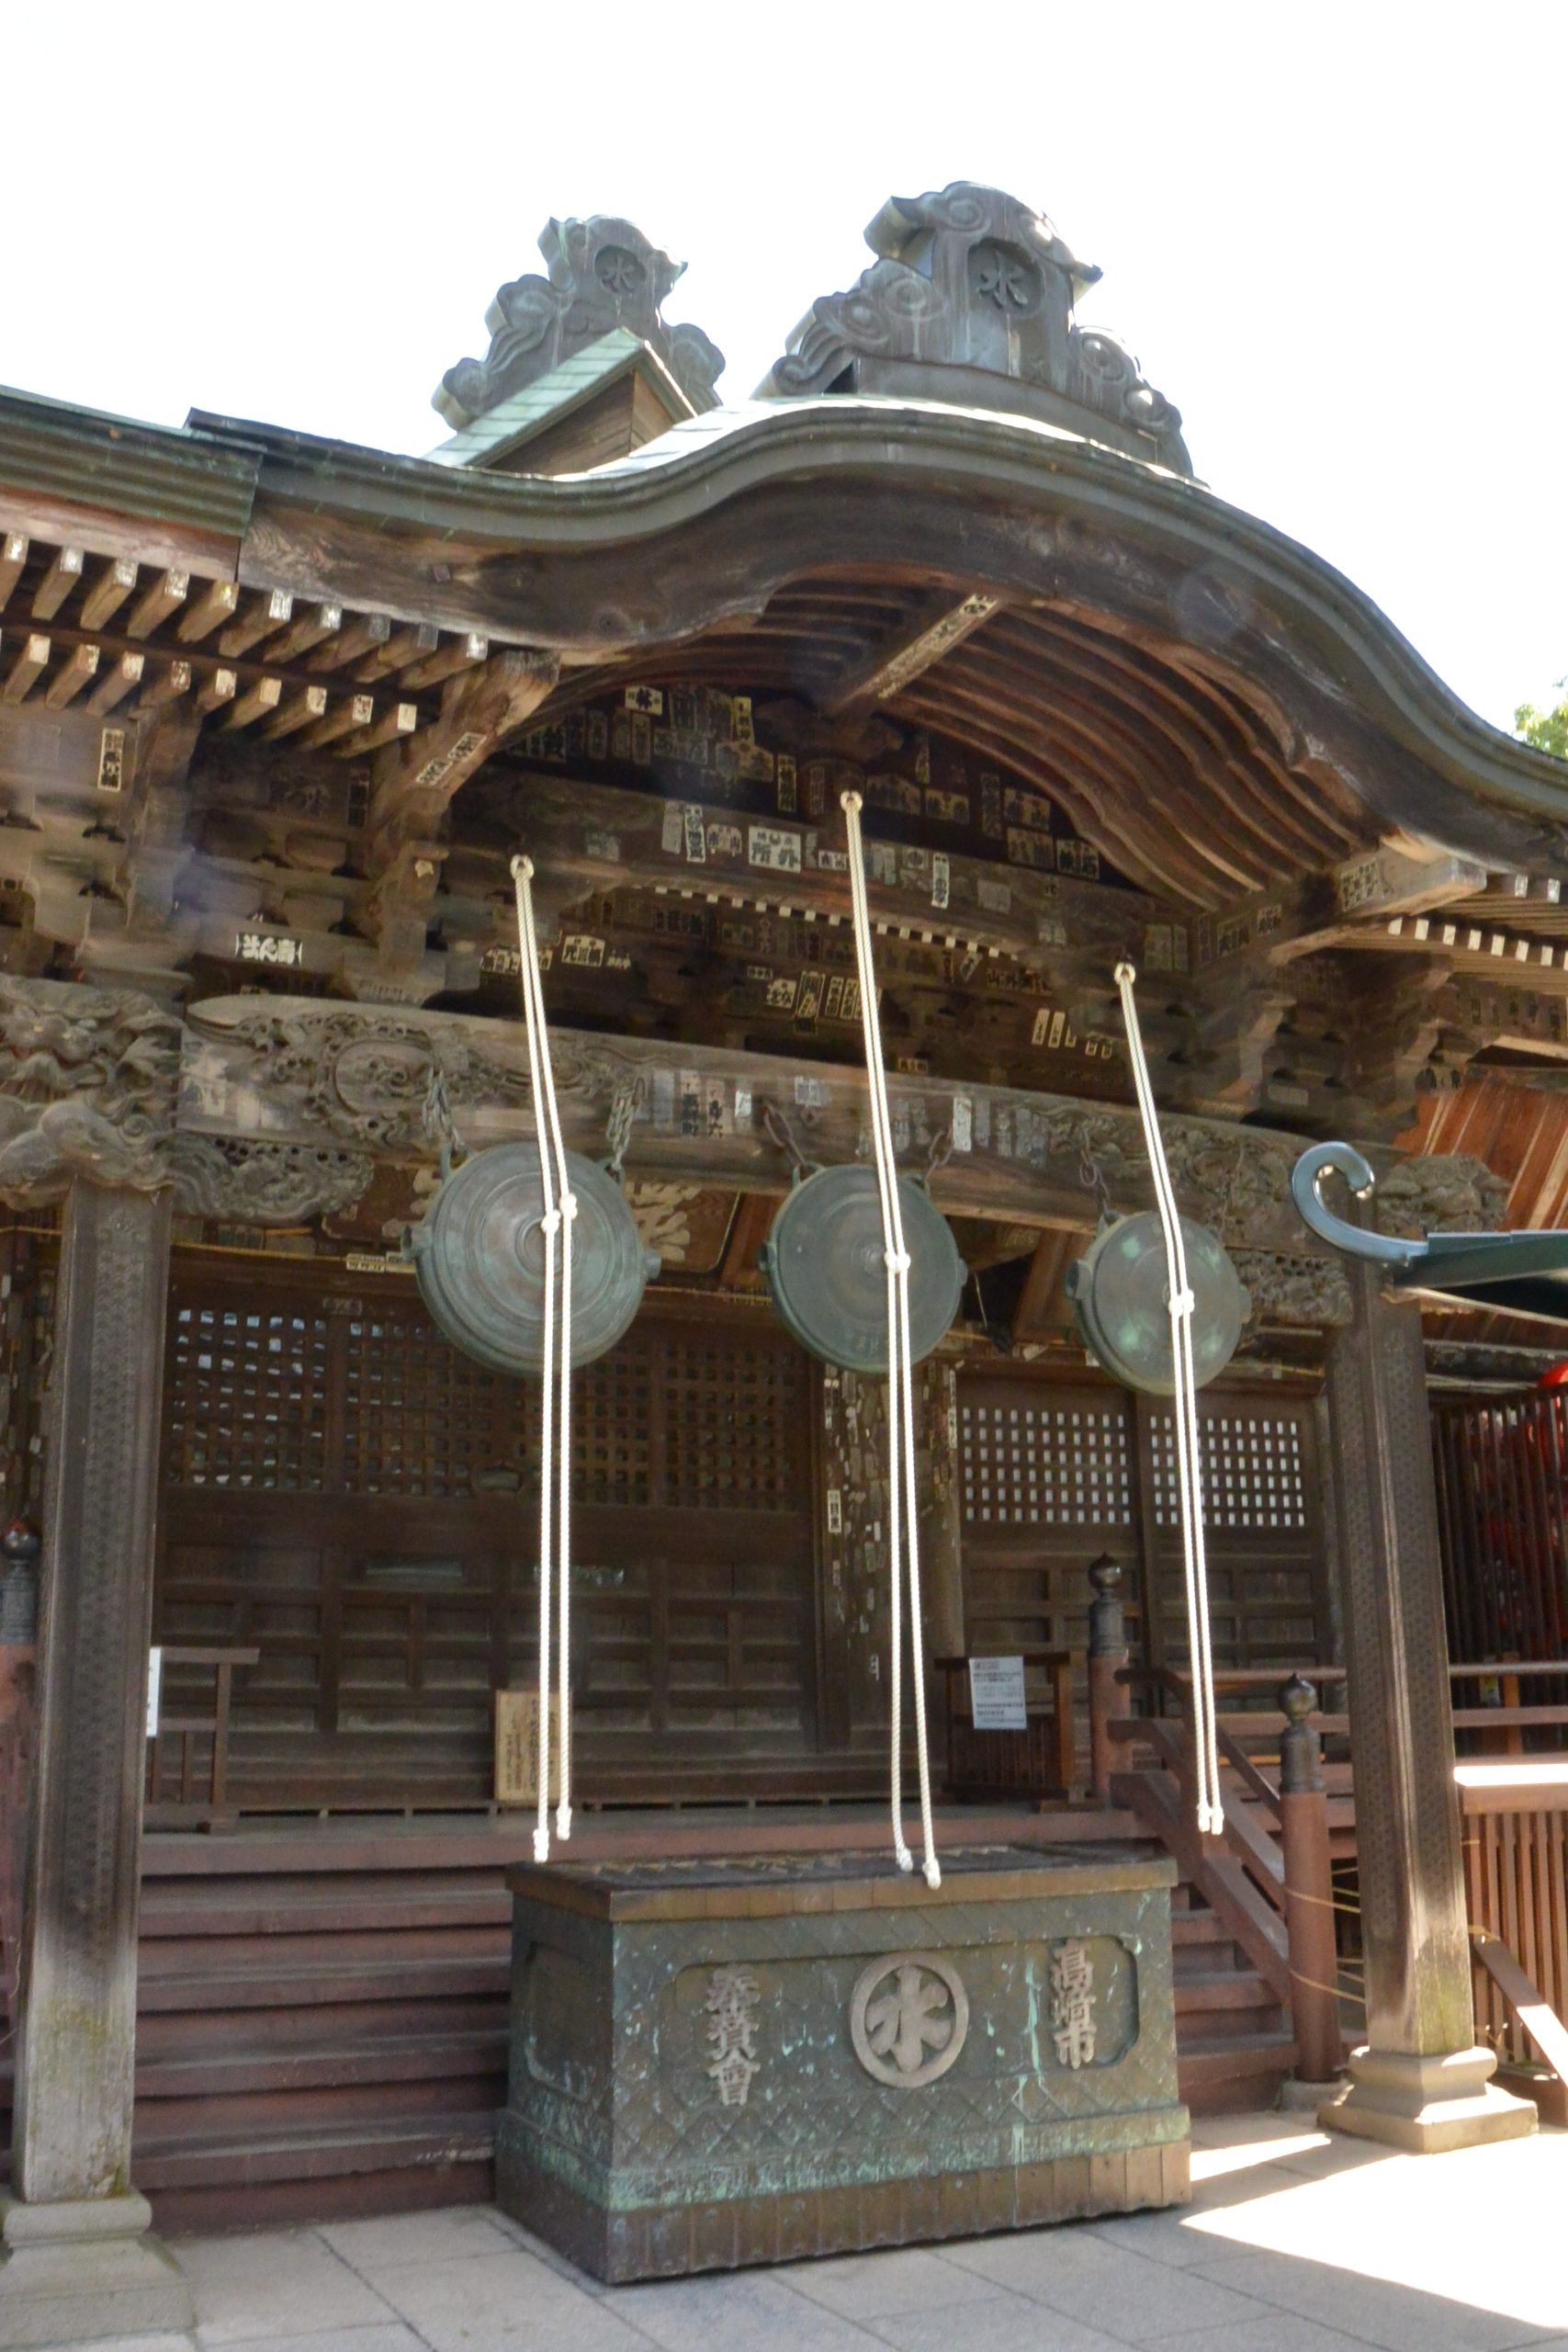 少林山達磨寺 霊符堂